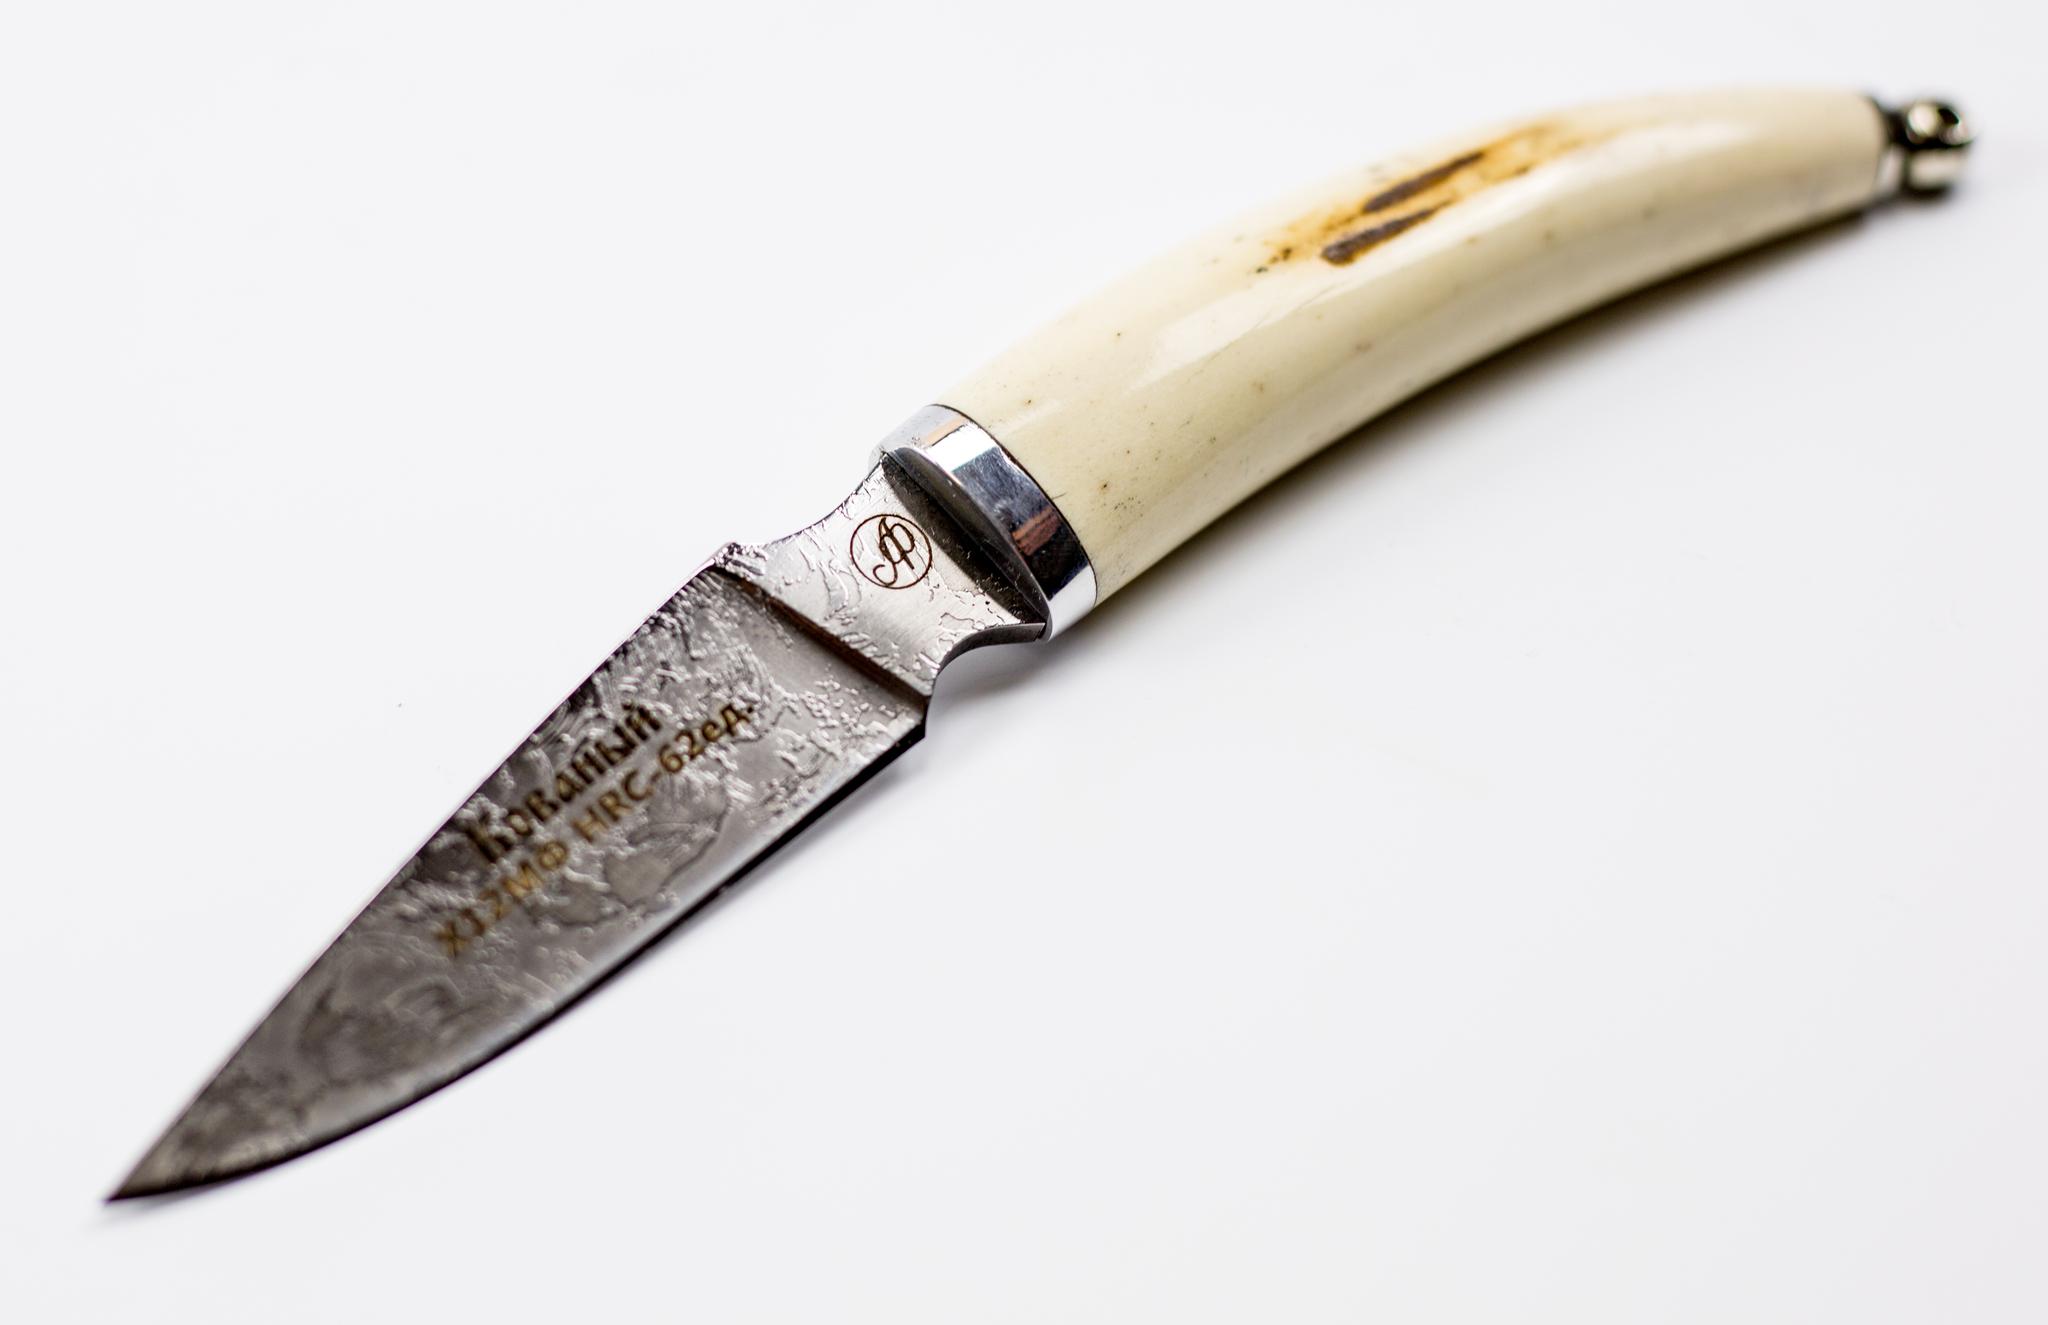 Нож Рысь малютка, Х12МФ, ручная работаНожи Павлово<br>Нож Рысь, сталь Х12МФ, малый, рукоять Рог лося, литьё - дюраль, мельхиор, ручная работа .<br>Общая длина мм: 185Длина клинка мм:85- 90Ширина клинка мм: 20Толщина клинка мм: 3.0Твердость клинка по шкале HRC: 62-64<br>Тип стали: сталь-Х12МФ,Рукоять: Рог лося, литьё-дюраль,мельхиор.Ножны: Натуральная кожа.Комплектация: нож, ножны, сертификат.<br>